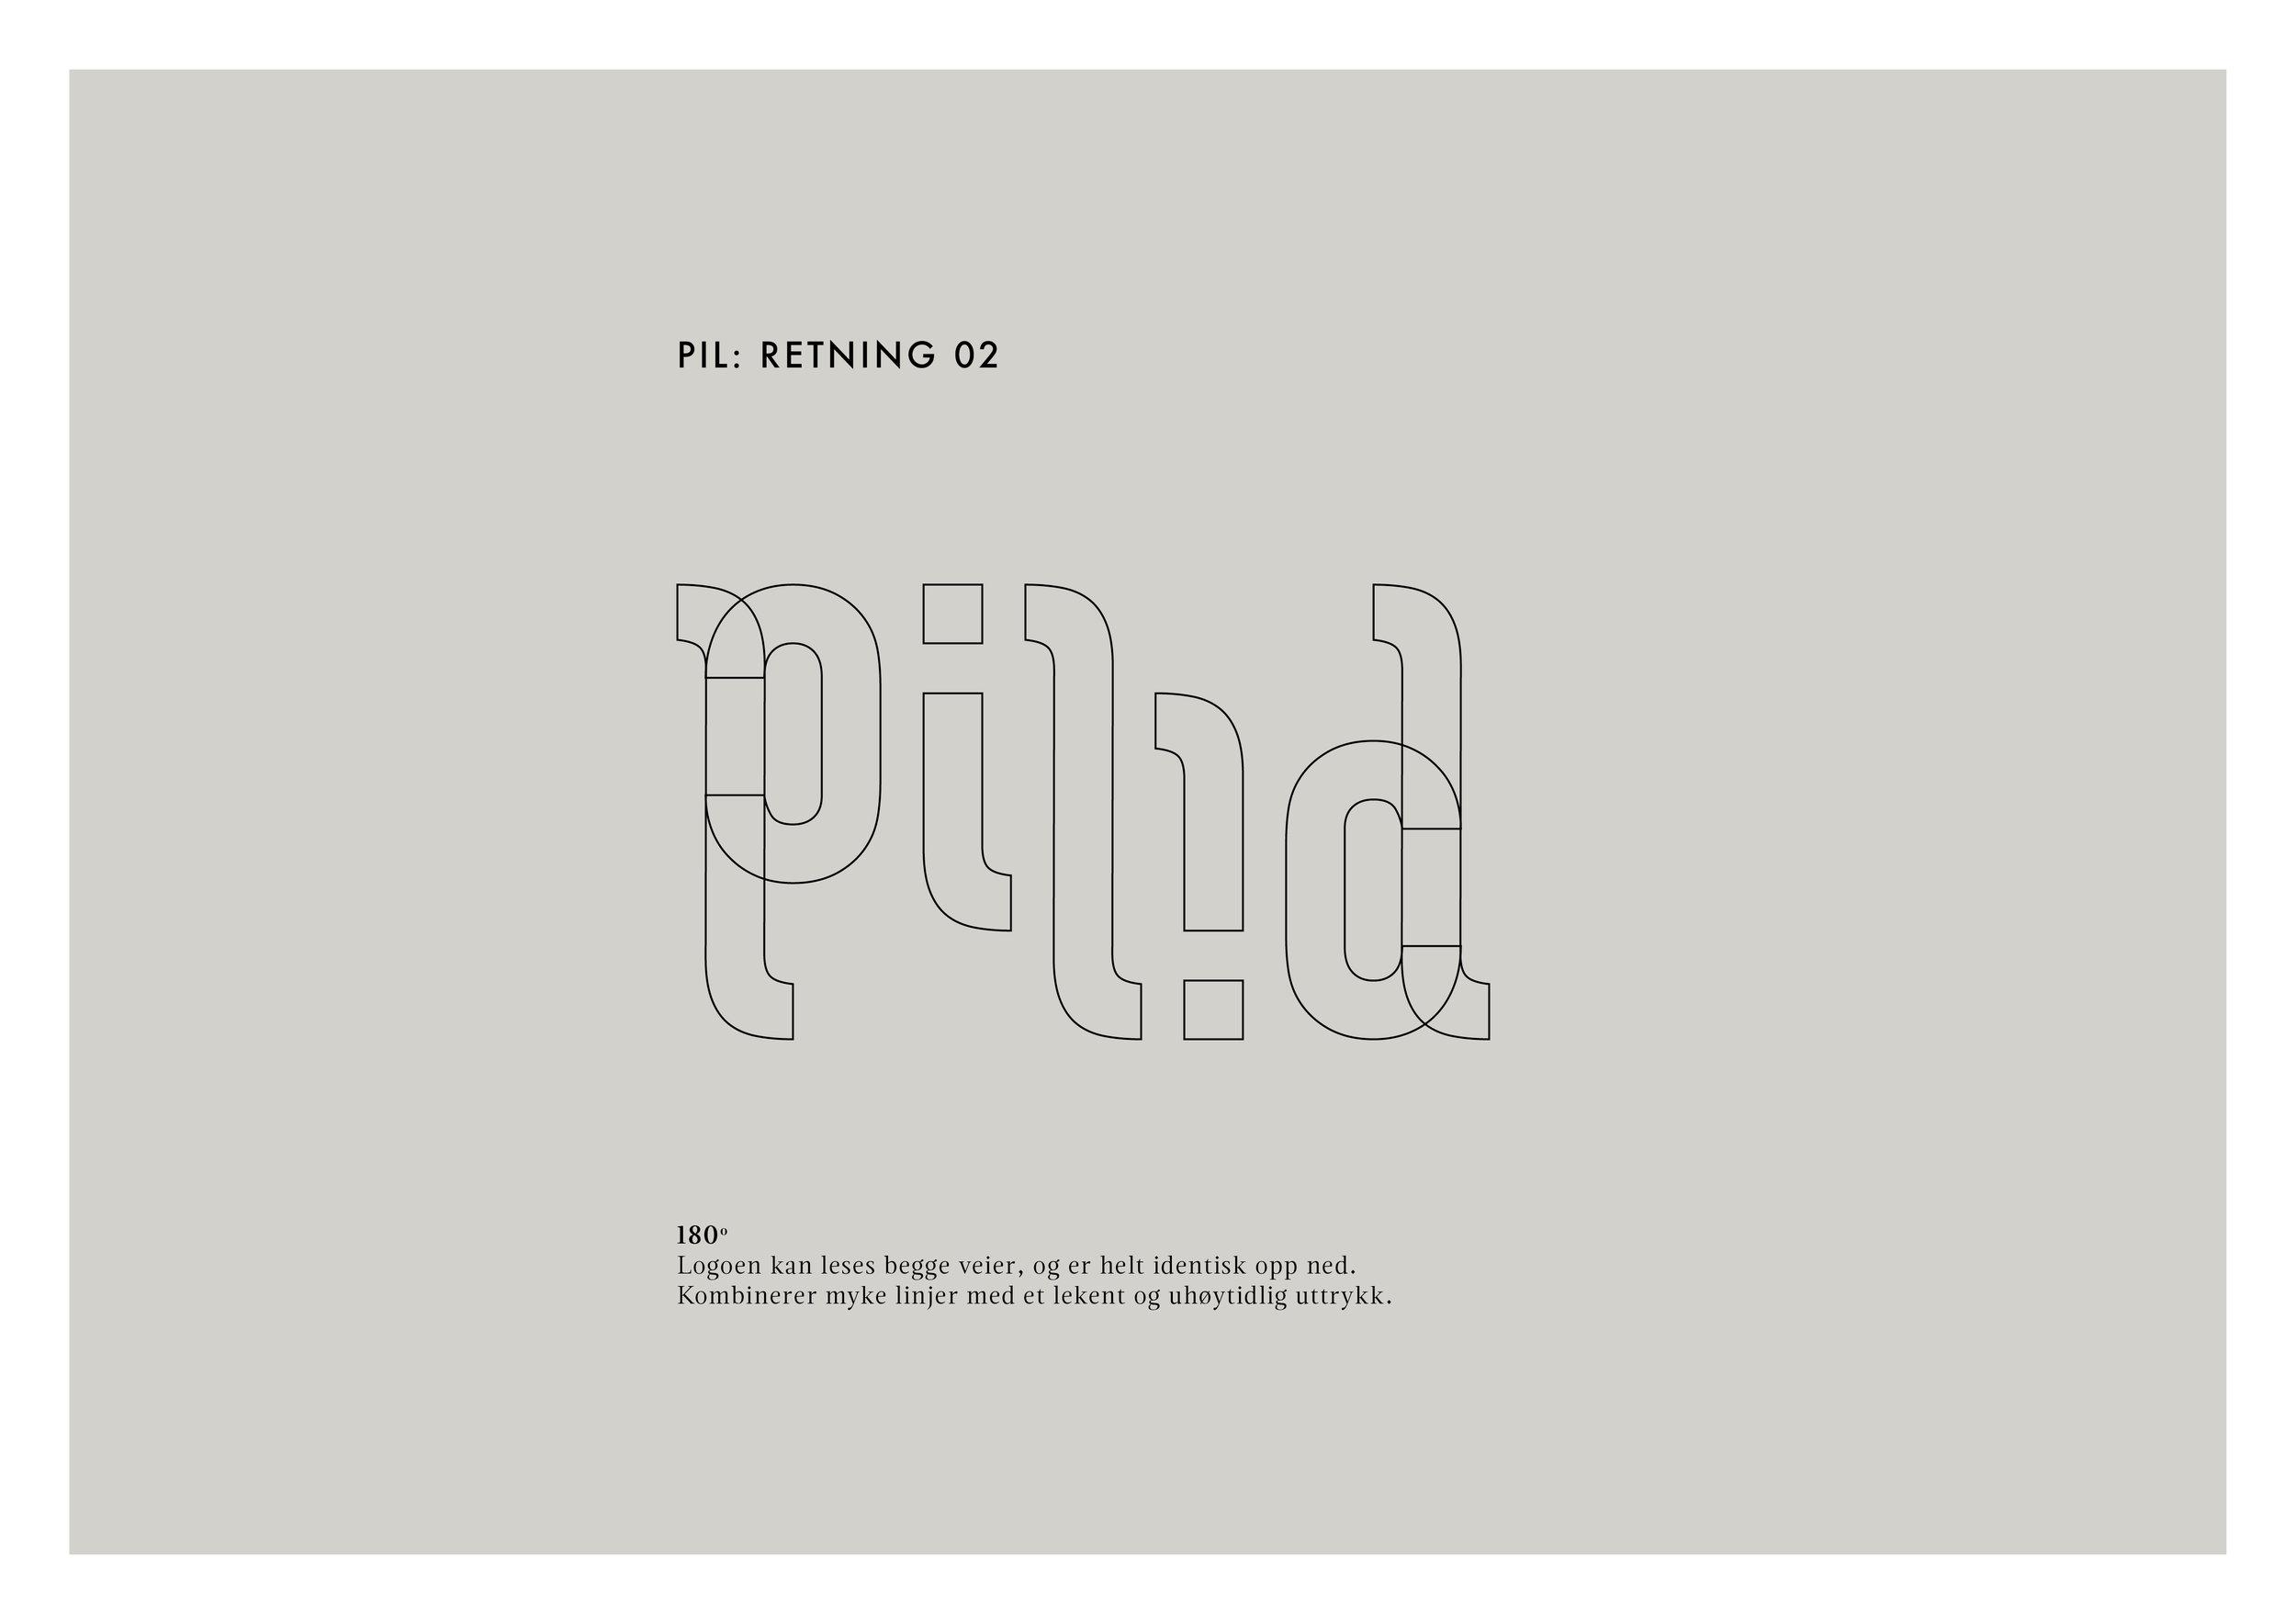 PIL PROFIL Retninger5.jpg